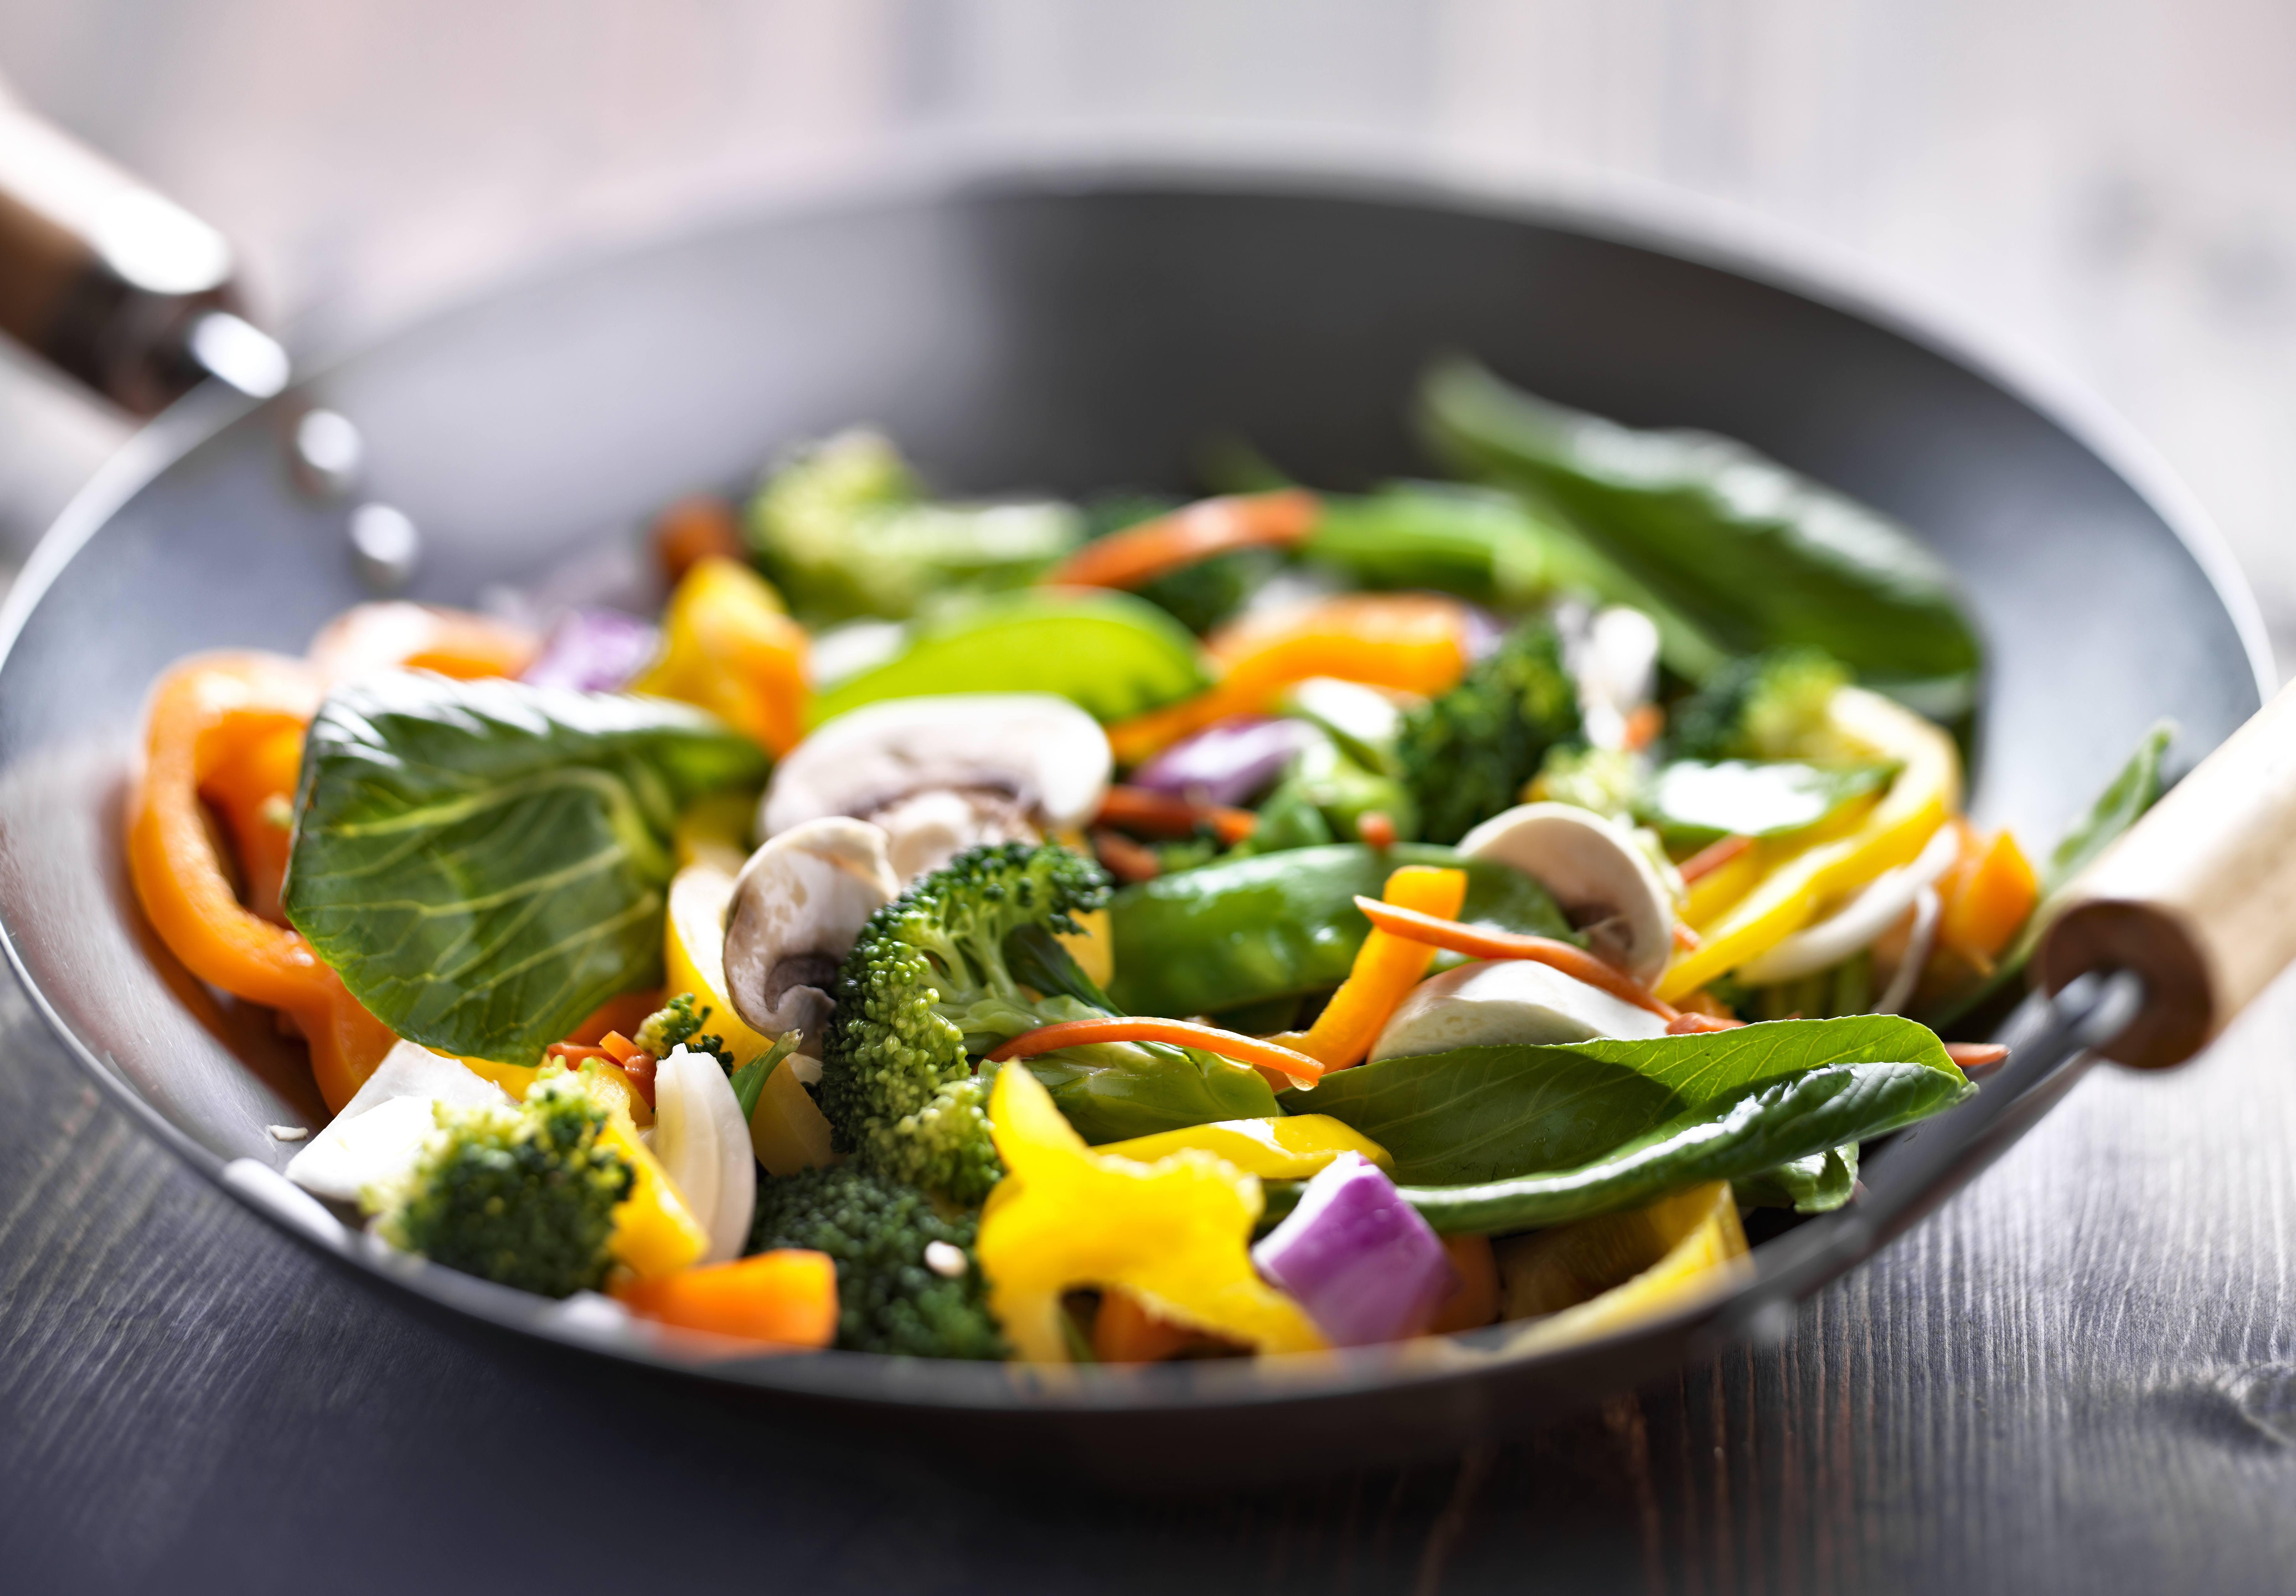 wok with stir fry vegetables